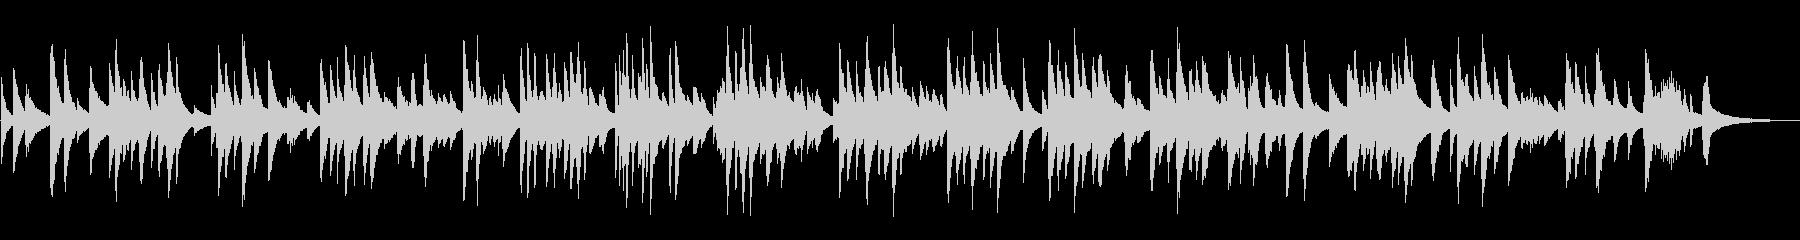 スローで静かなジャズラウンジピアノソロの未再生の波形